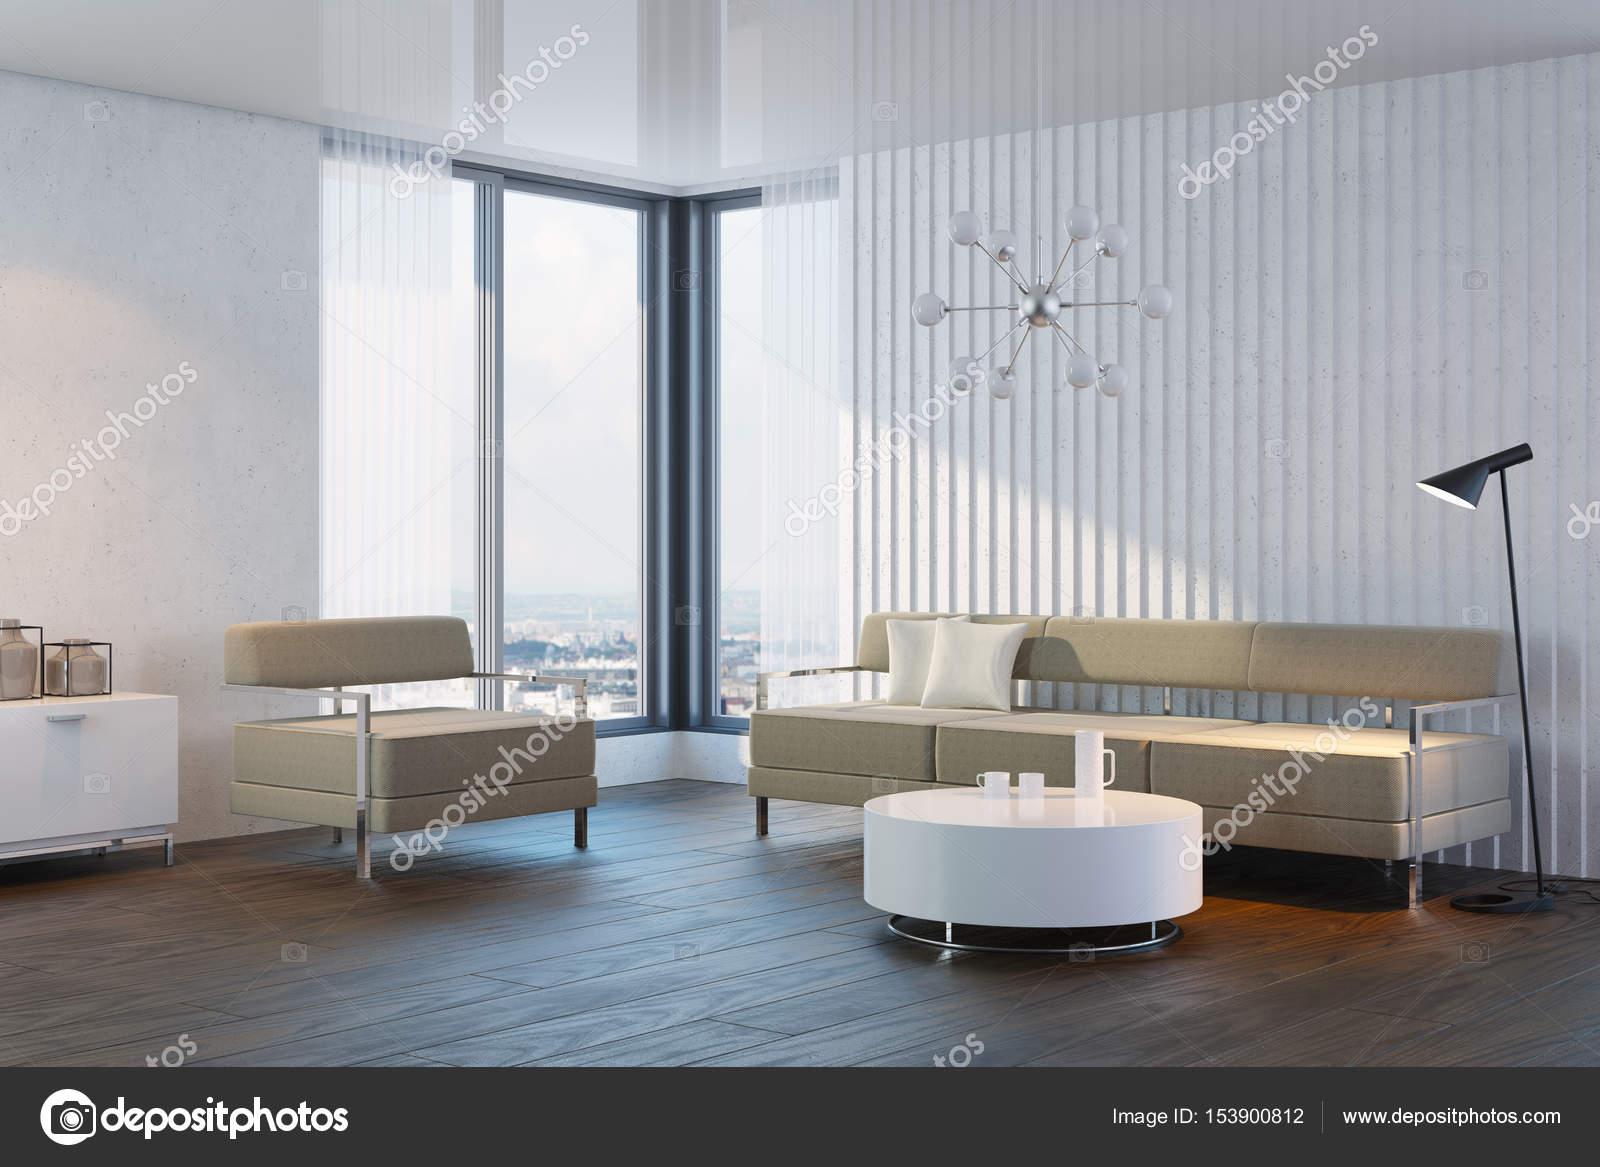 modernes Design Wohnzimmer — Stockfoto © auriso #153900812